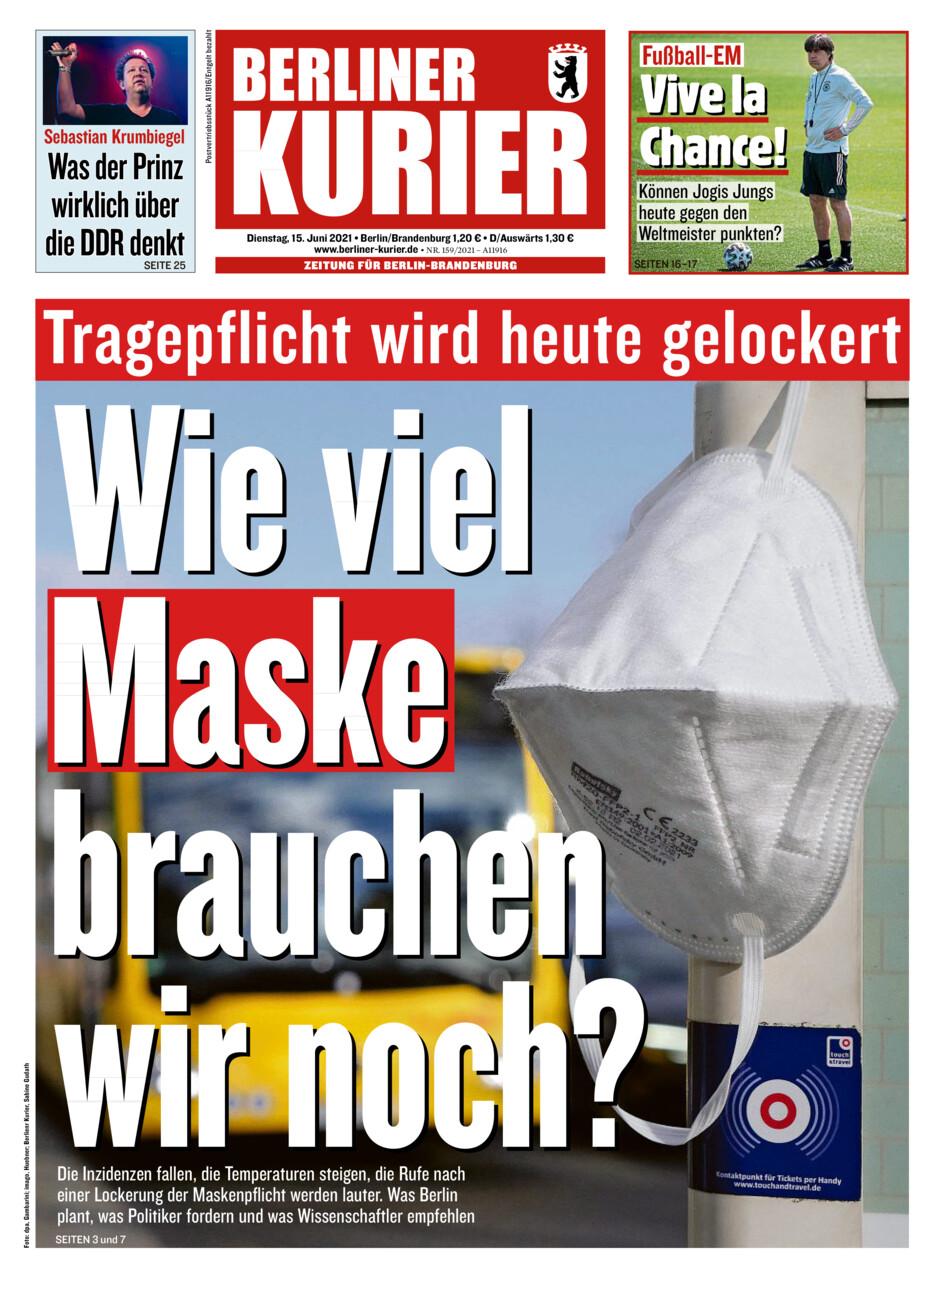 Berliner Kurier vom Dienstag, 15.06.2021